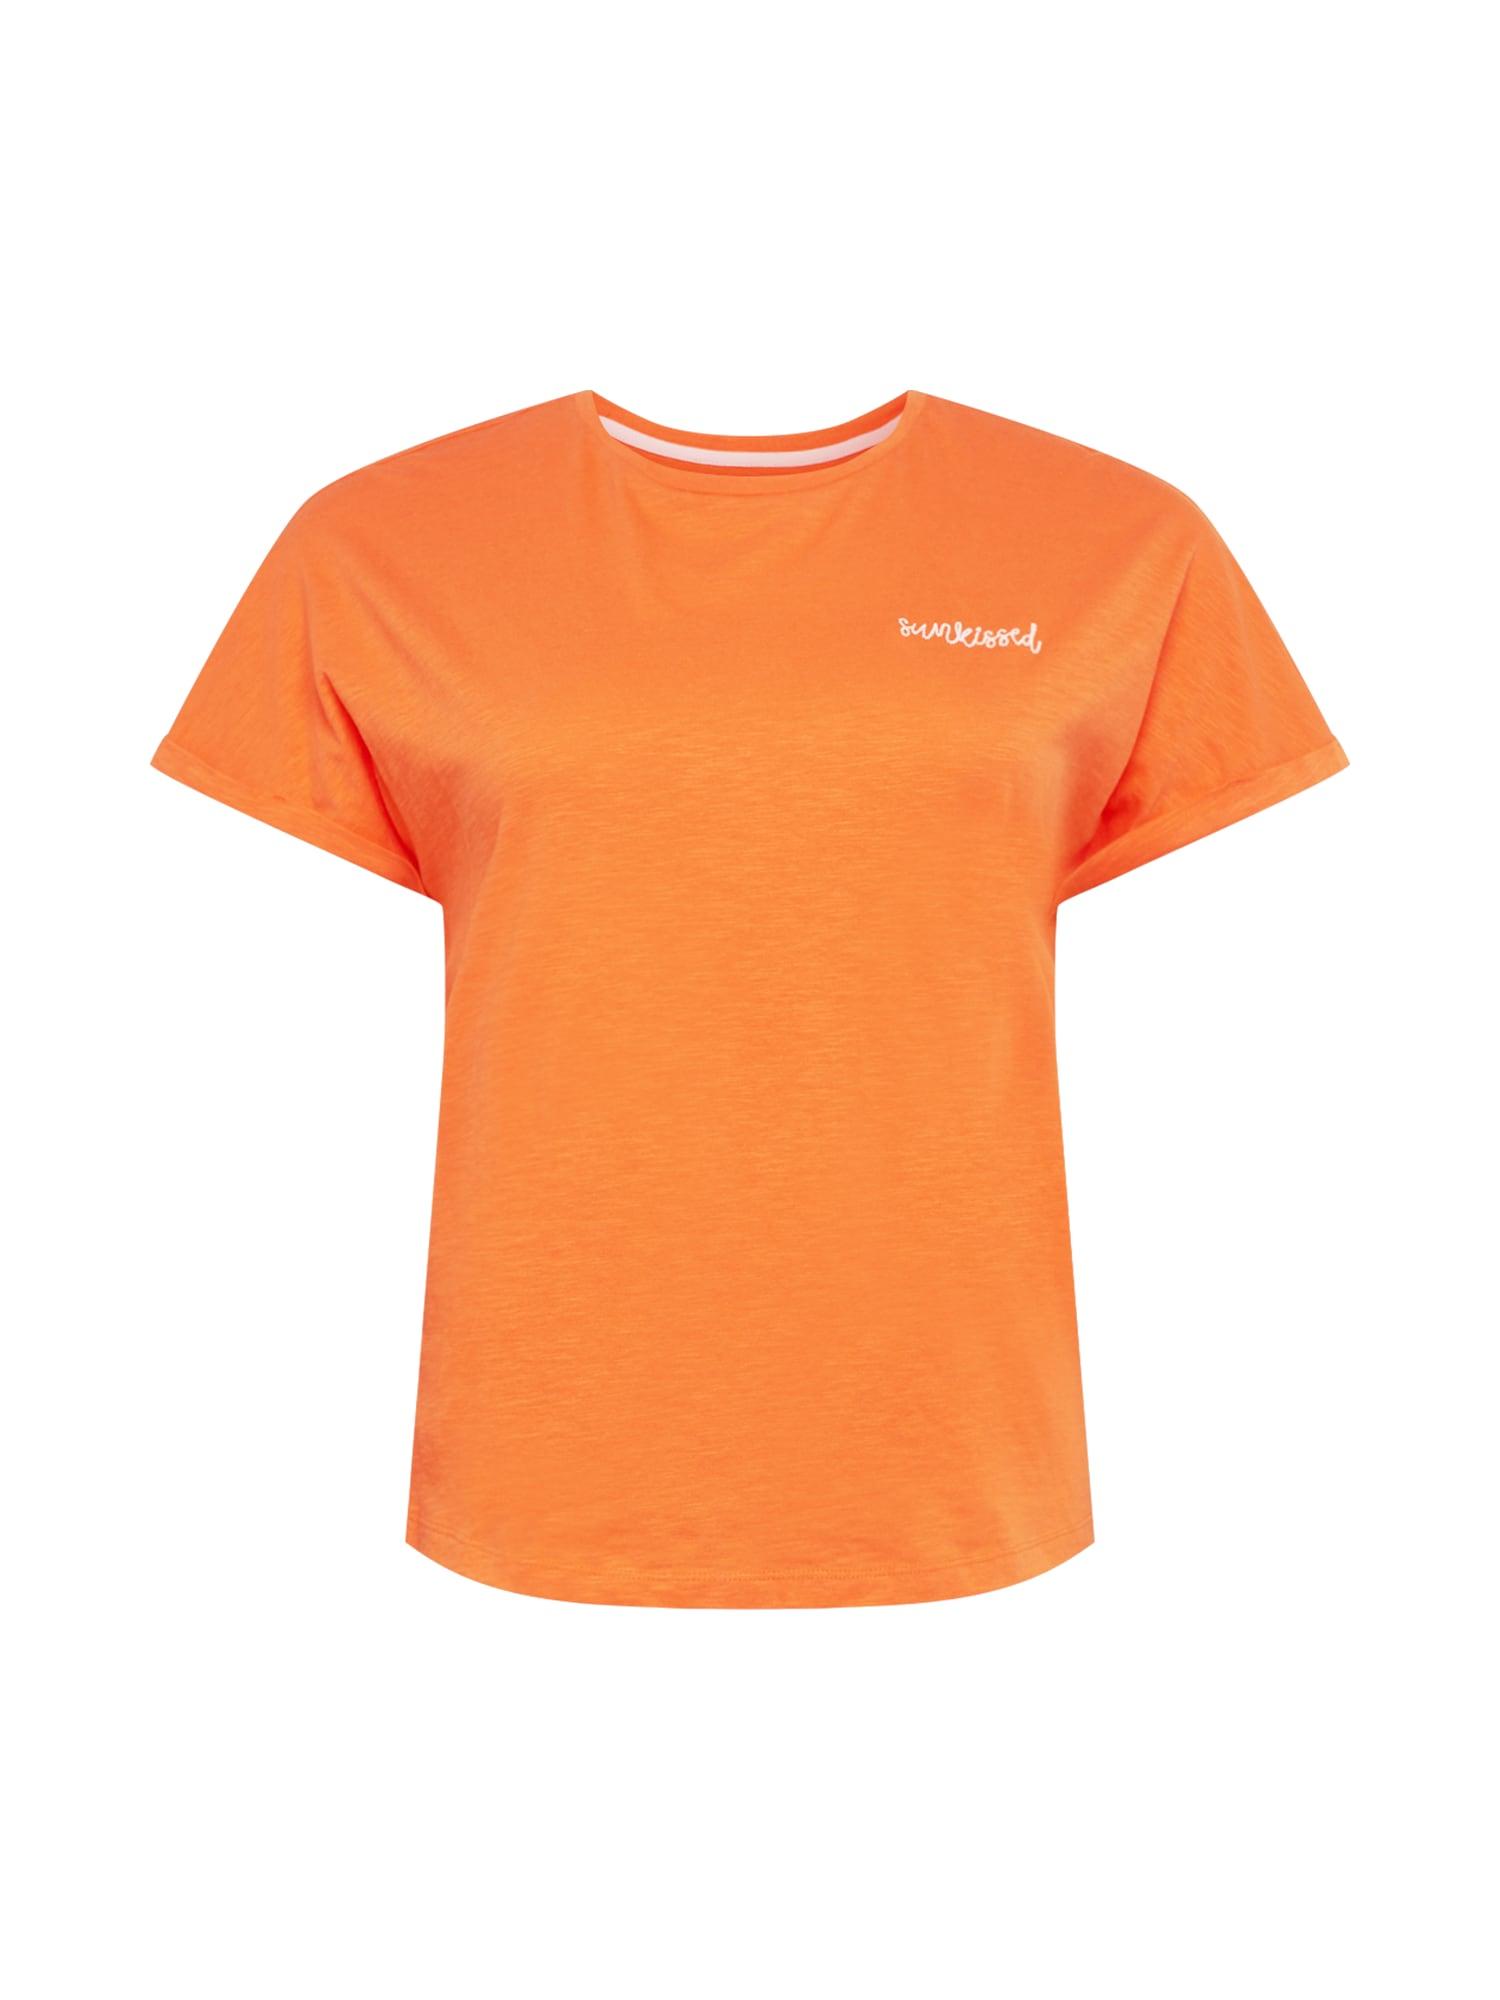 MY TRUE ME Marškinėliai oranžinė / šviesiai oranžinė